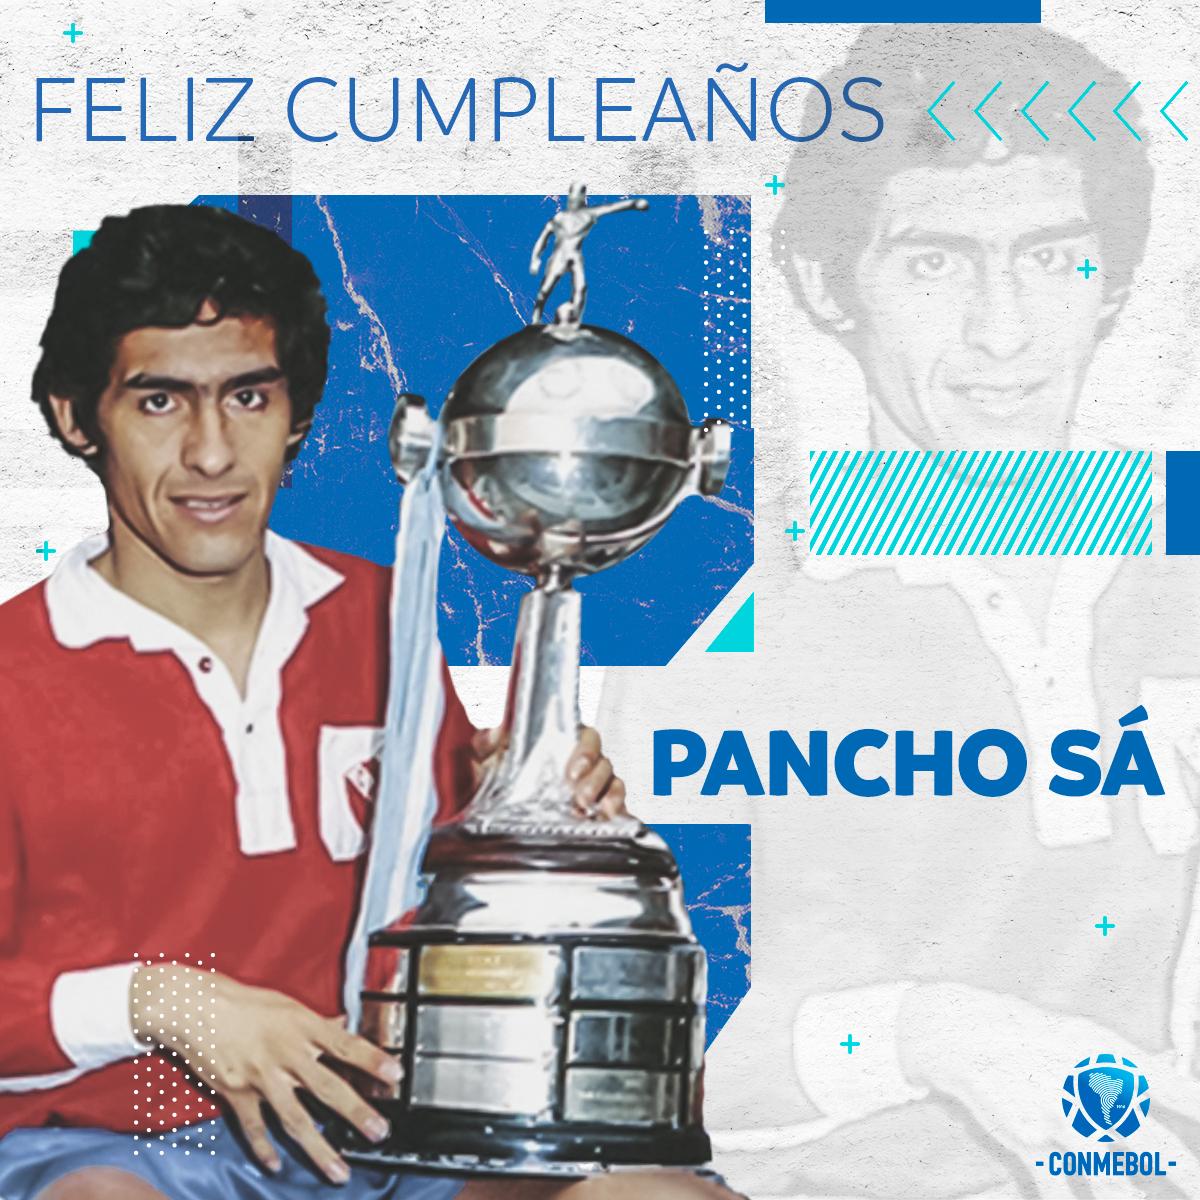 ¡El máximo ganador de la @Libertadores como jugador está de cumpleaños! ⚽️🏆  ⭐️Símbolo de toda una generación e ídolo de @Independiente y @BocaJrsOficial, Francisco Sá alcanzó seis veces la #GloriaEterna ⭐️  ¡Feliz cumpleaños, 'Pancho' !🎂🥳 https://t.co/VsMyDuAh2T